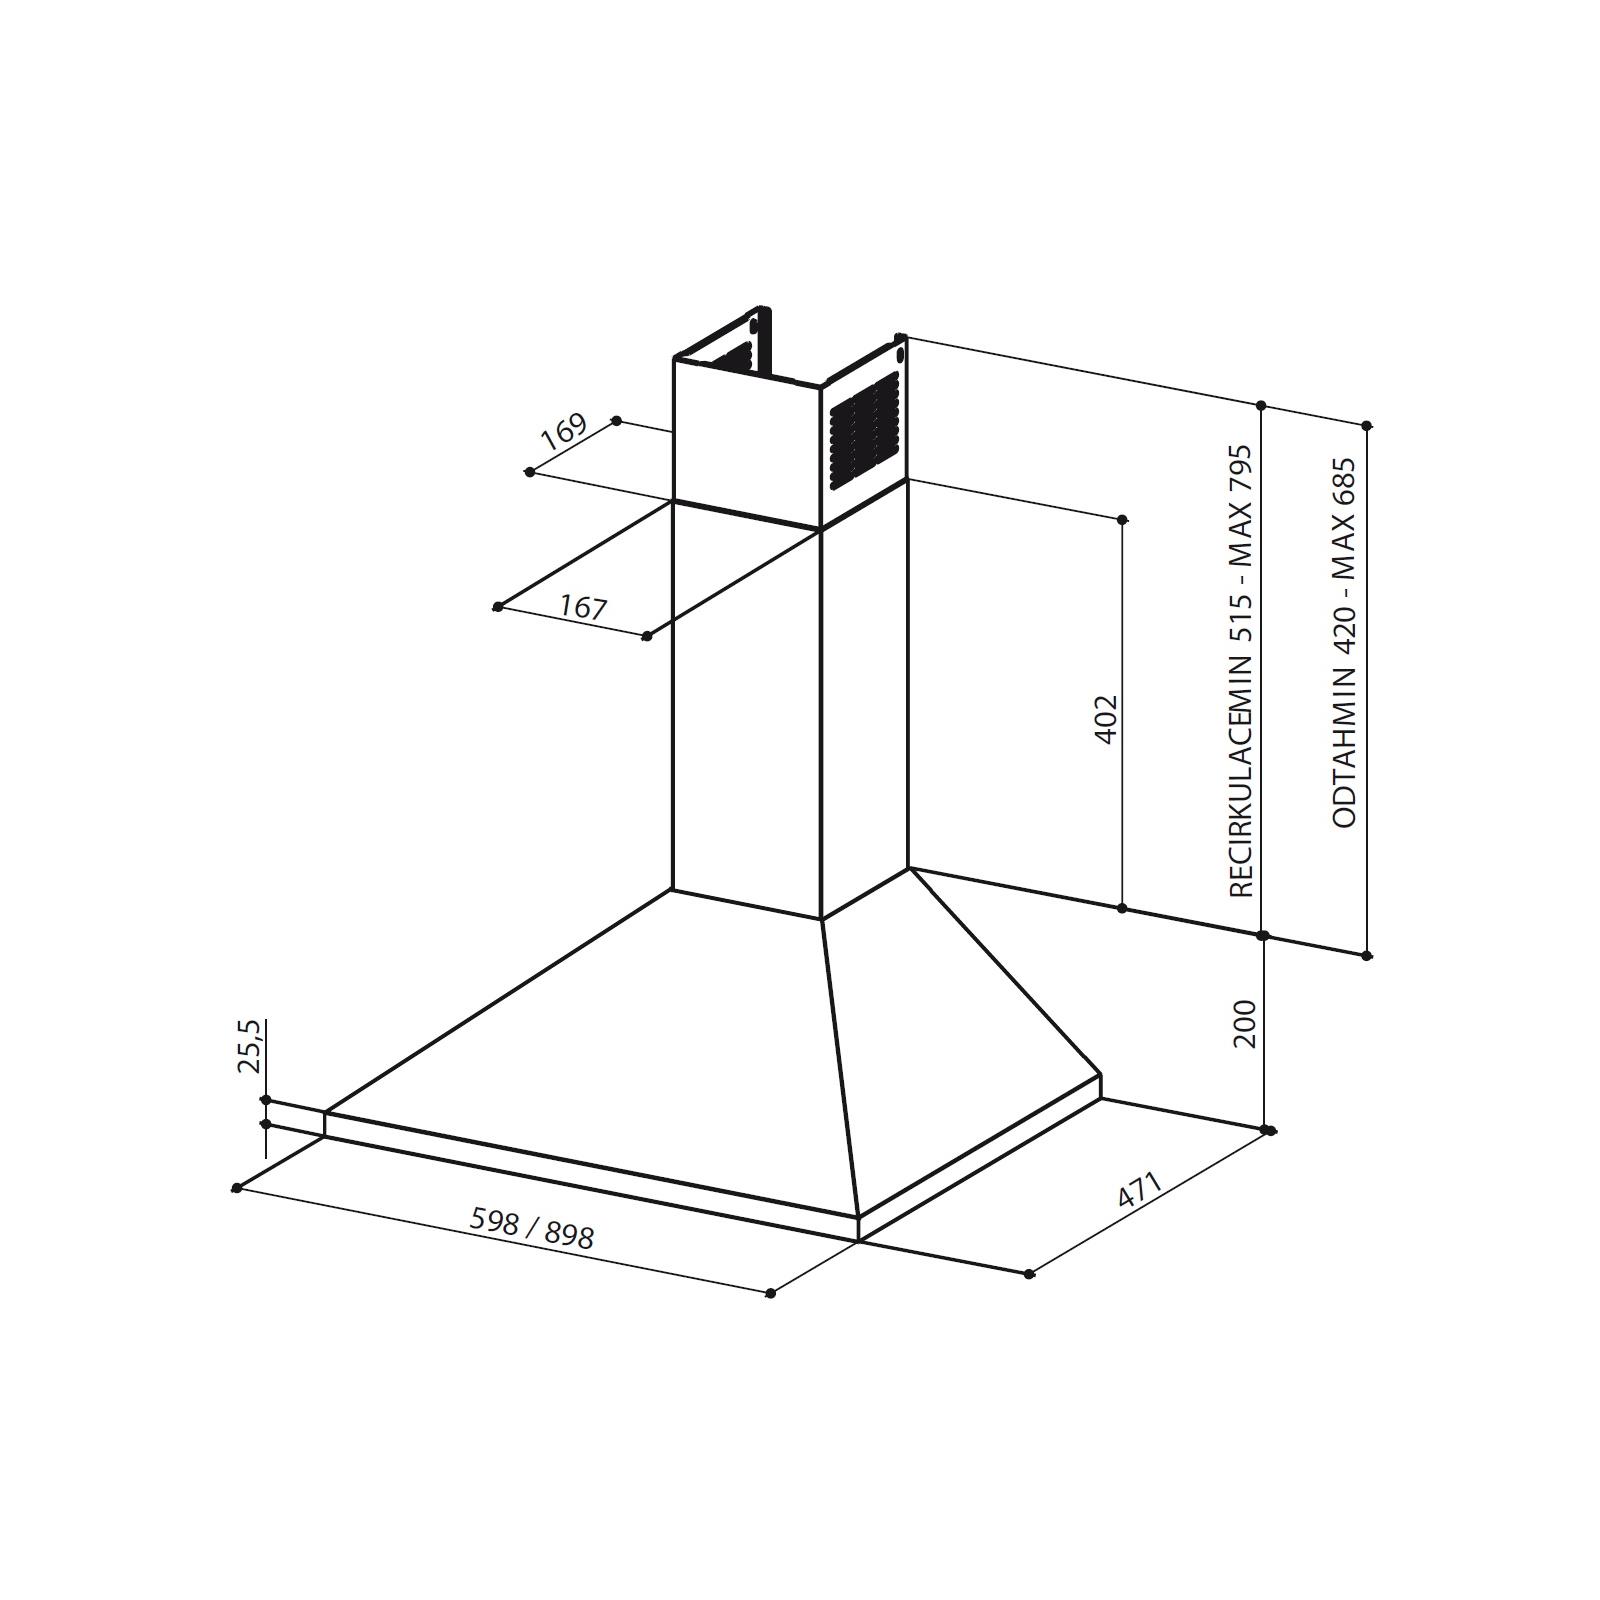 Вытяжка кухонная Faber VALUE PB 4 2L W A90 изображение 2